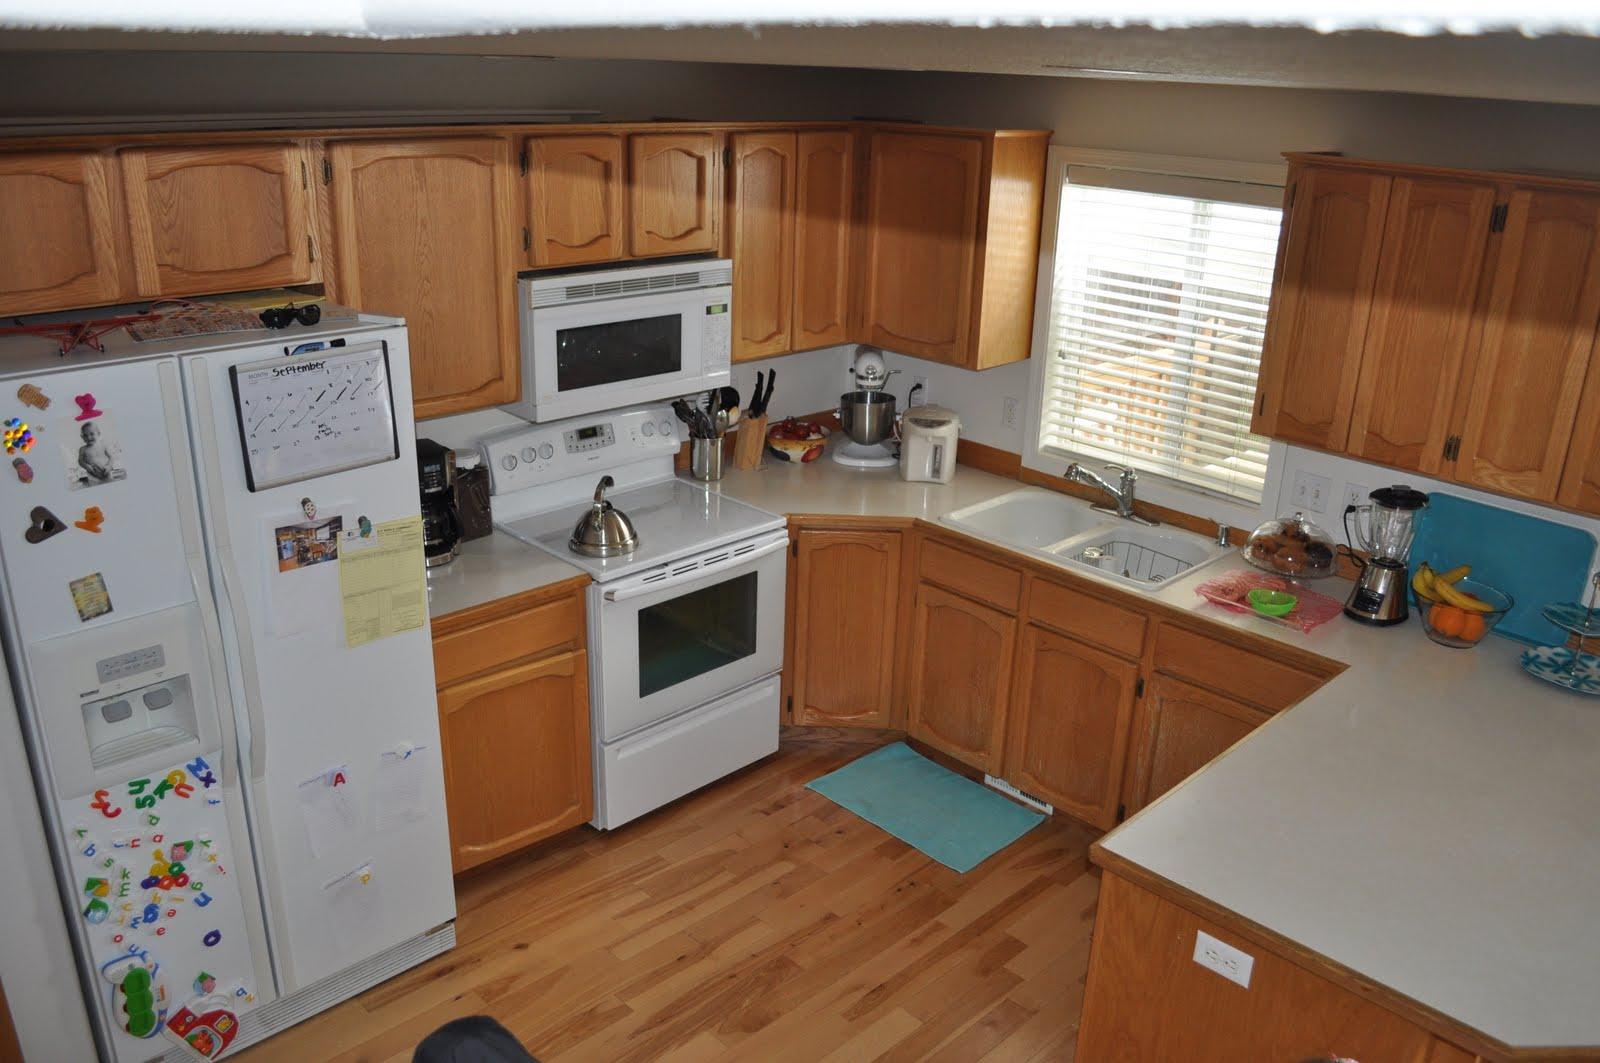 u shaped kitchen small photo - 8